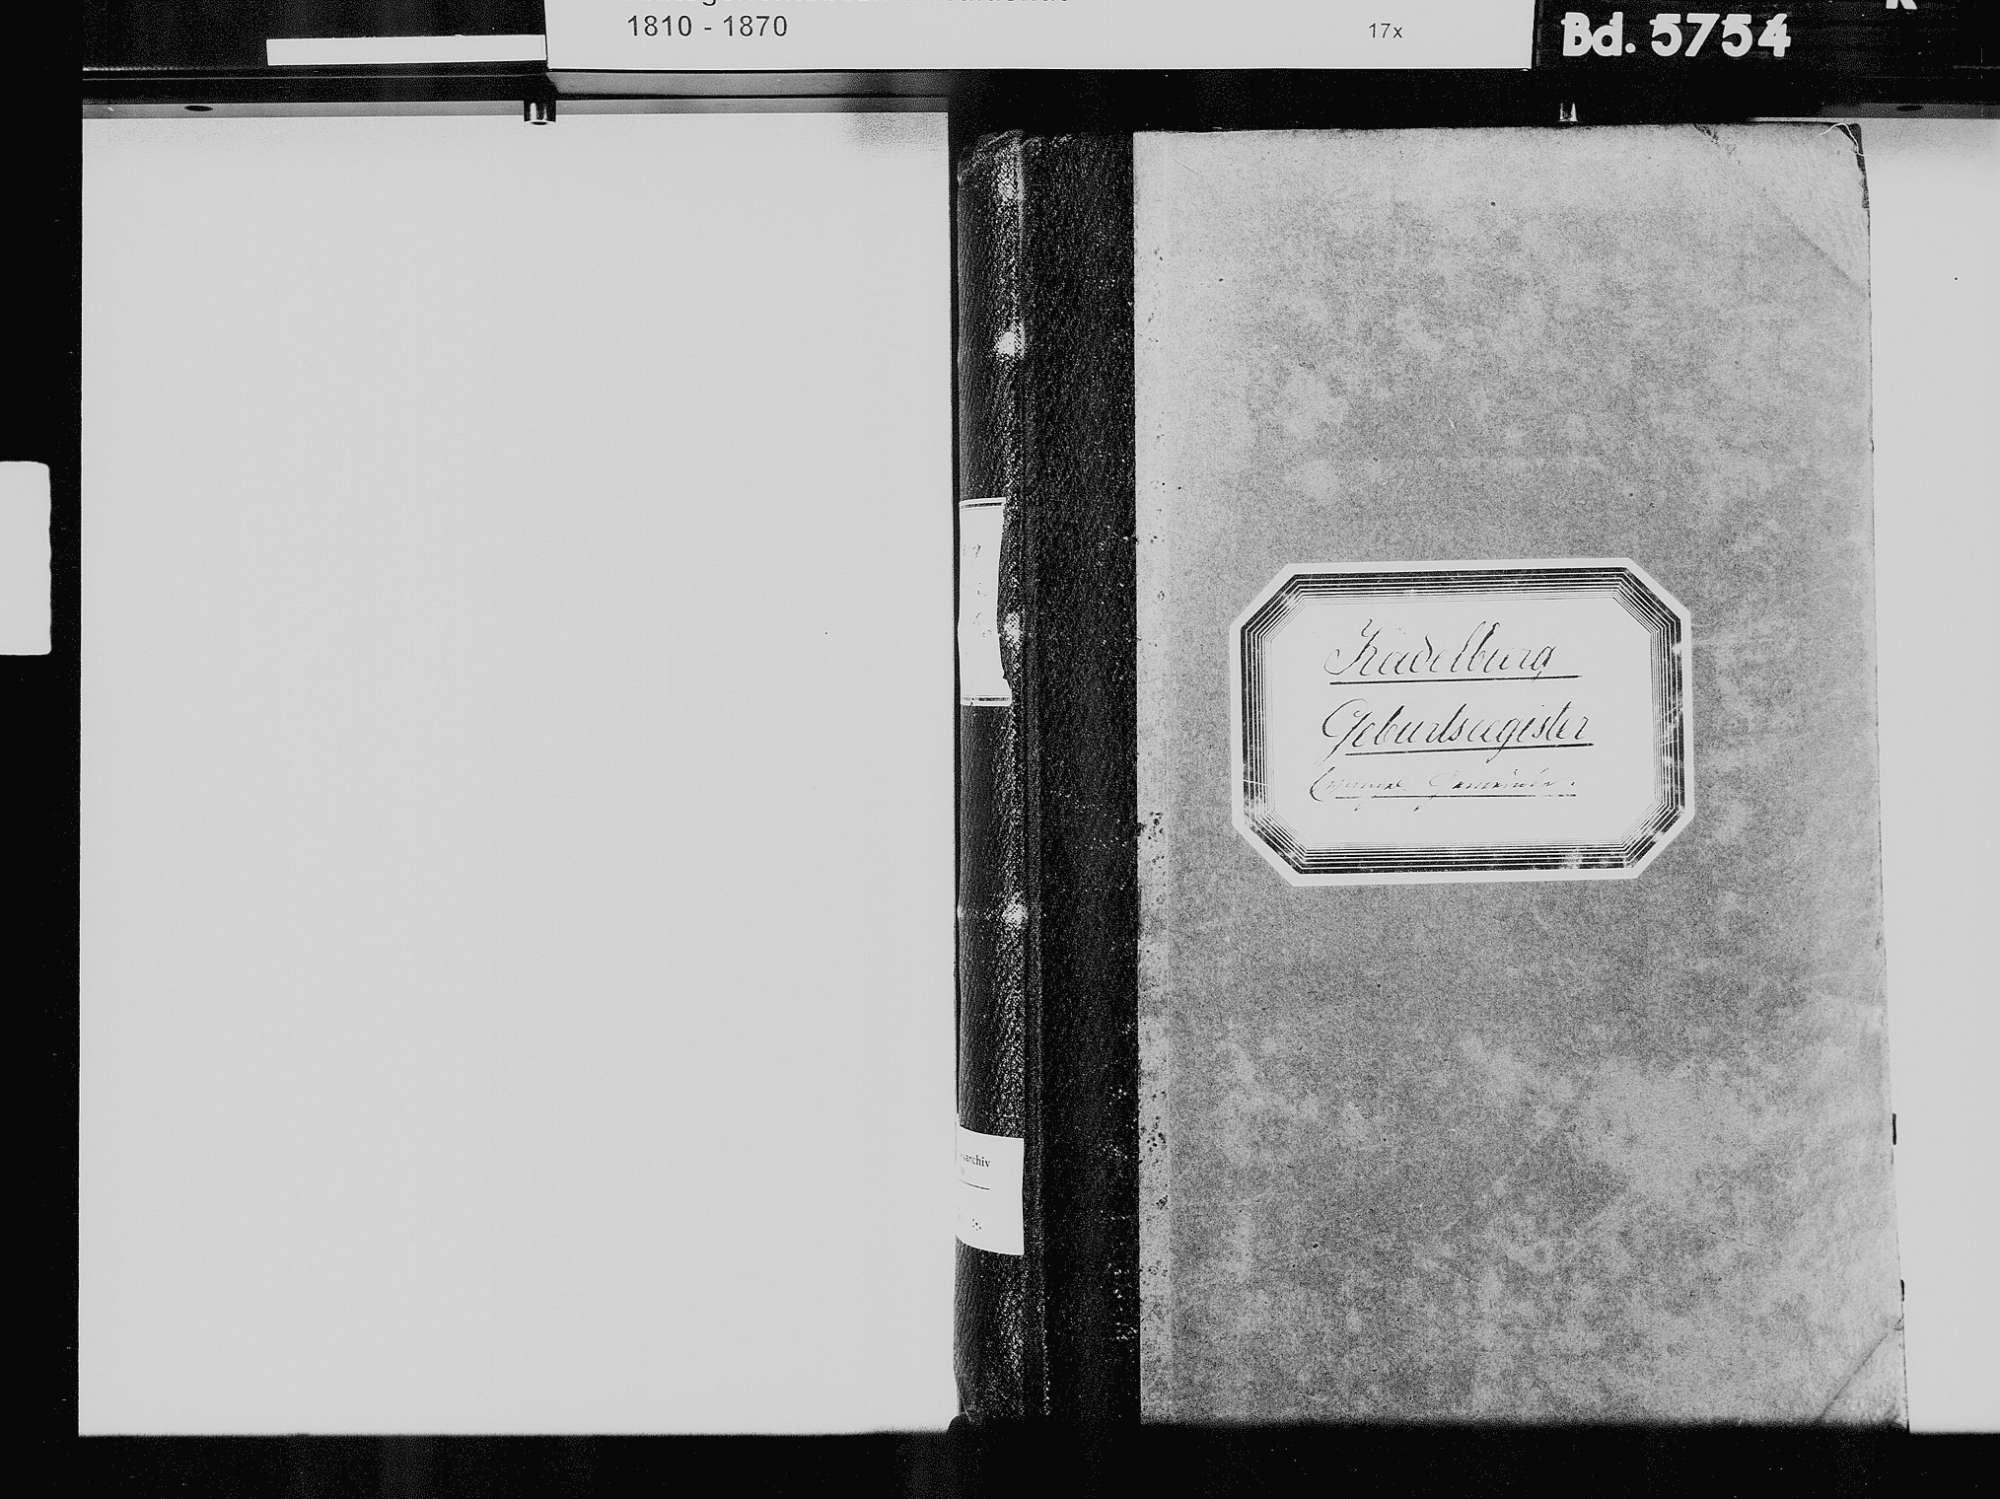 Kadelburg, Küssaberg WT; Evangelische Gemeinde: Geburtenbuch 1810-1869 Kadelburg, Küssaberg WT; Evangelische Gemeinde: Heiratsbuch 1835, Bild 3